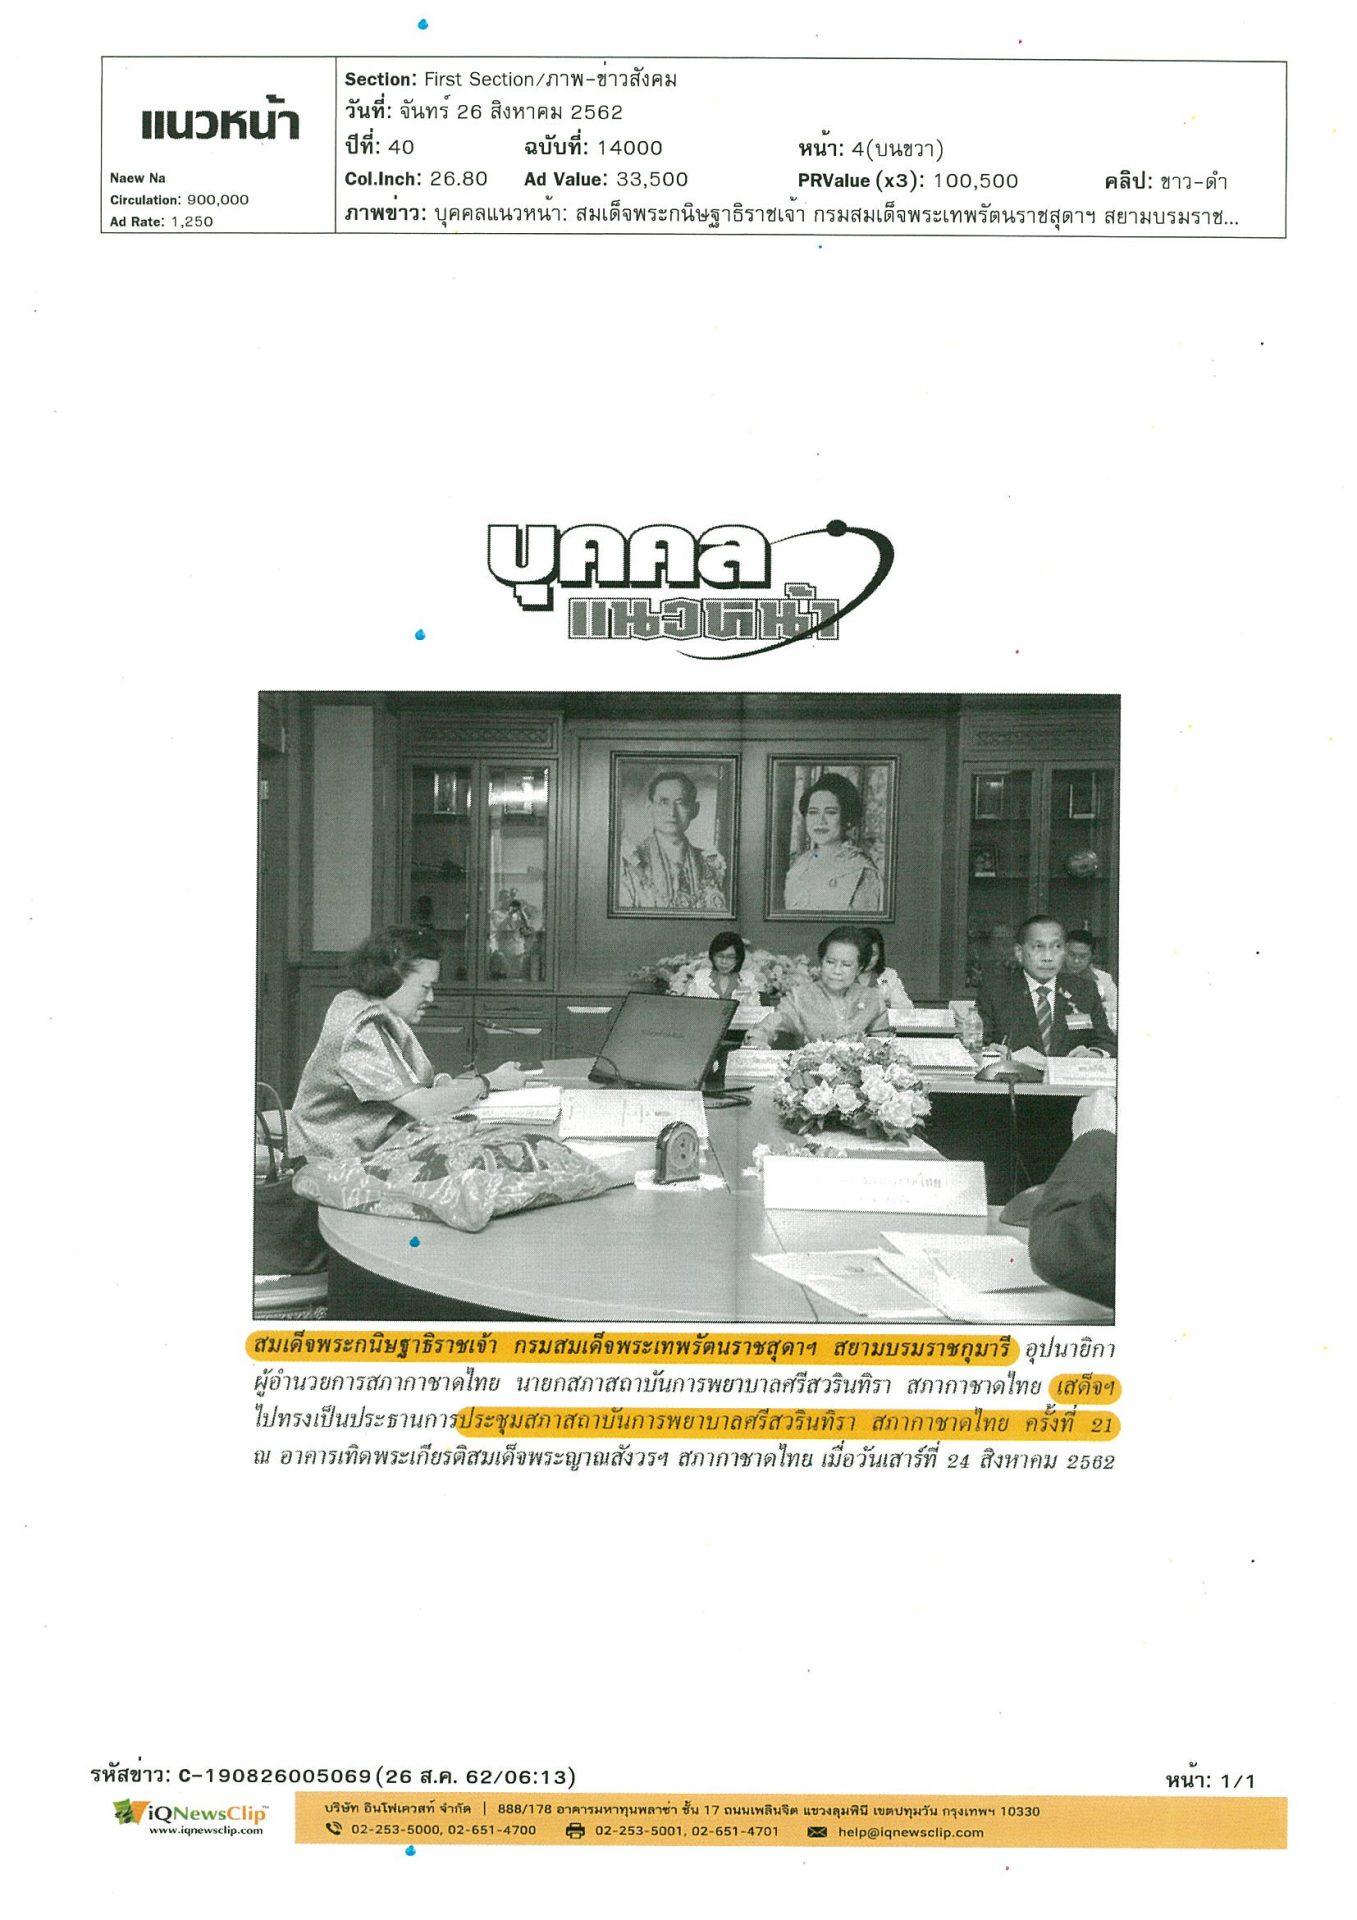 ประชุมสถาบันการพยาบาลศรีสวรินทิรา สภากาชาดไทย ครั้งที่ 21